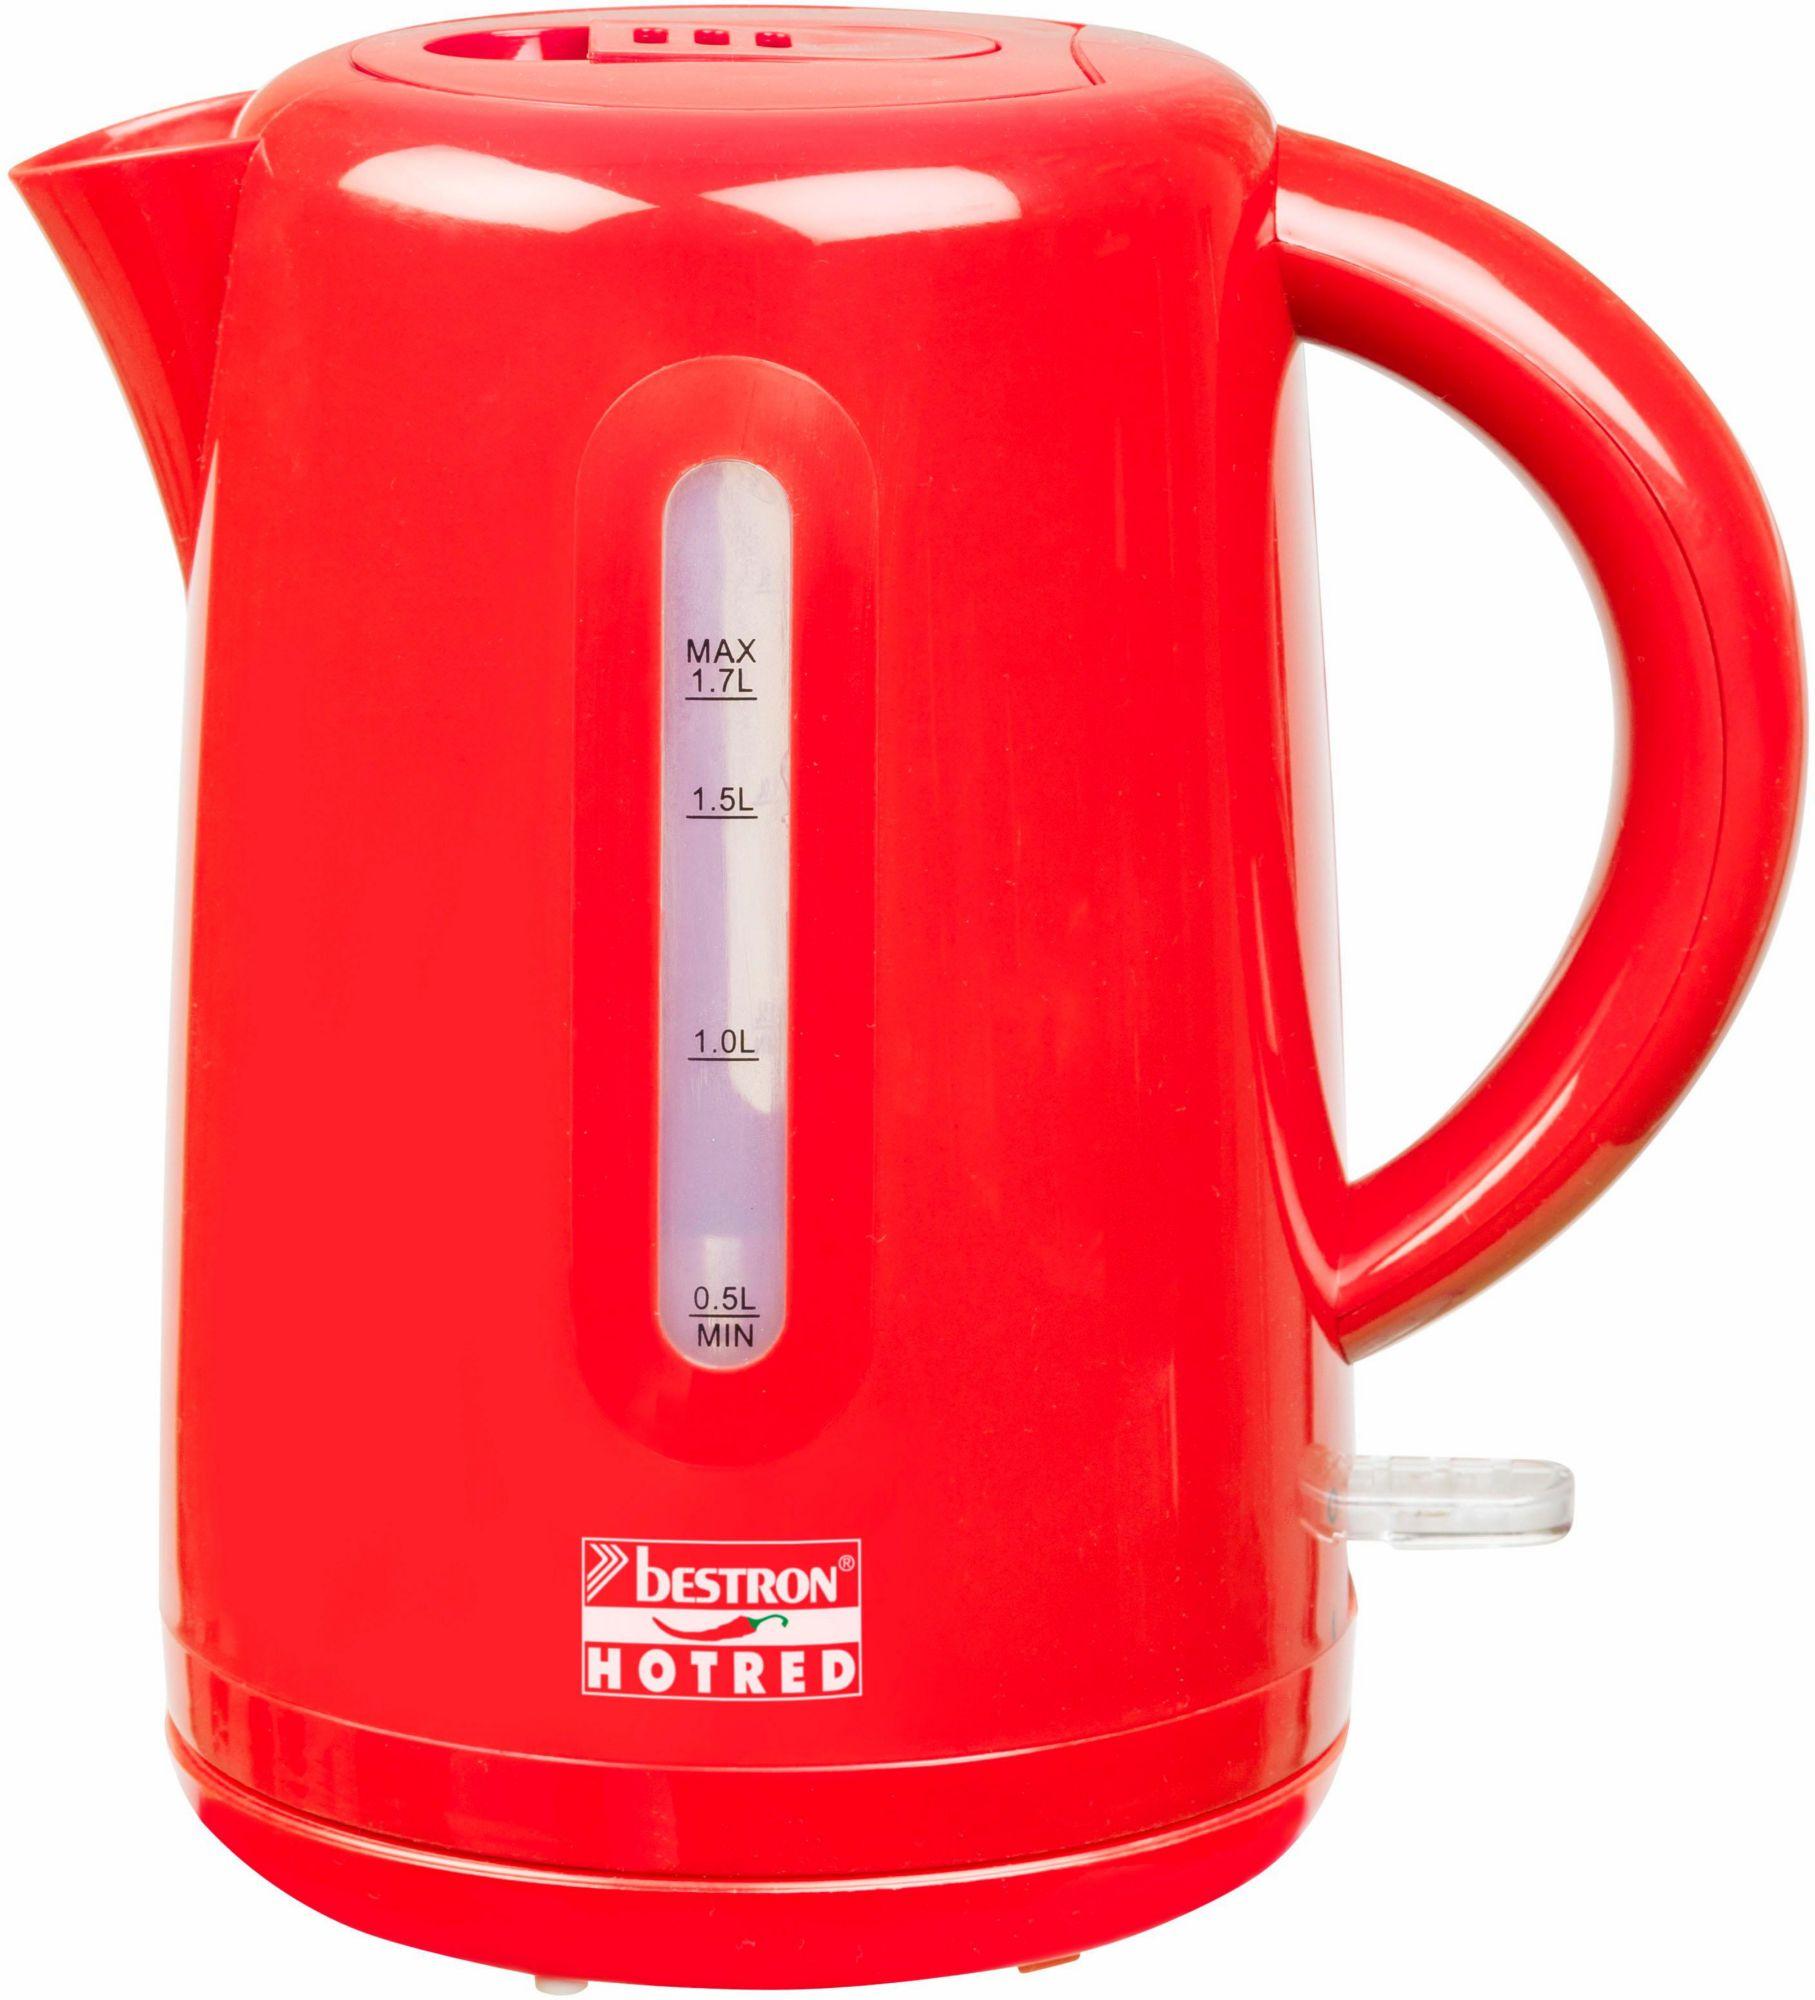 BESTRON Bestron Wasserkocher AWK300HR für 1,7 Liter, 1850-2200 Watt, rot